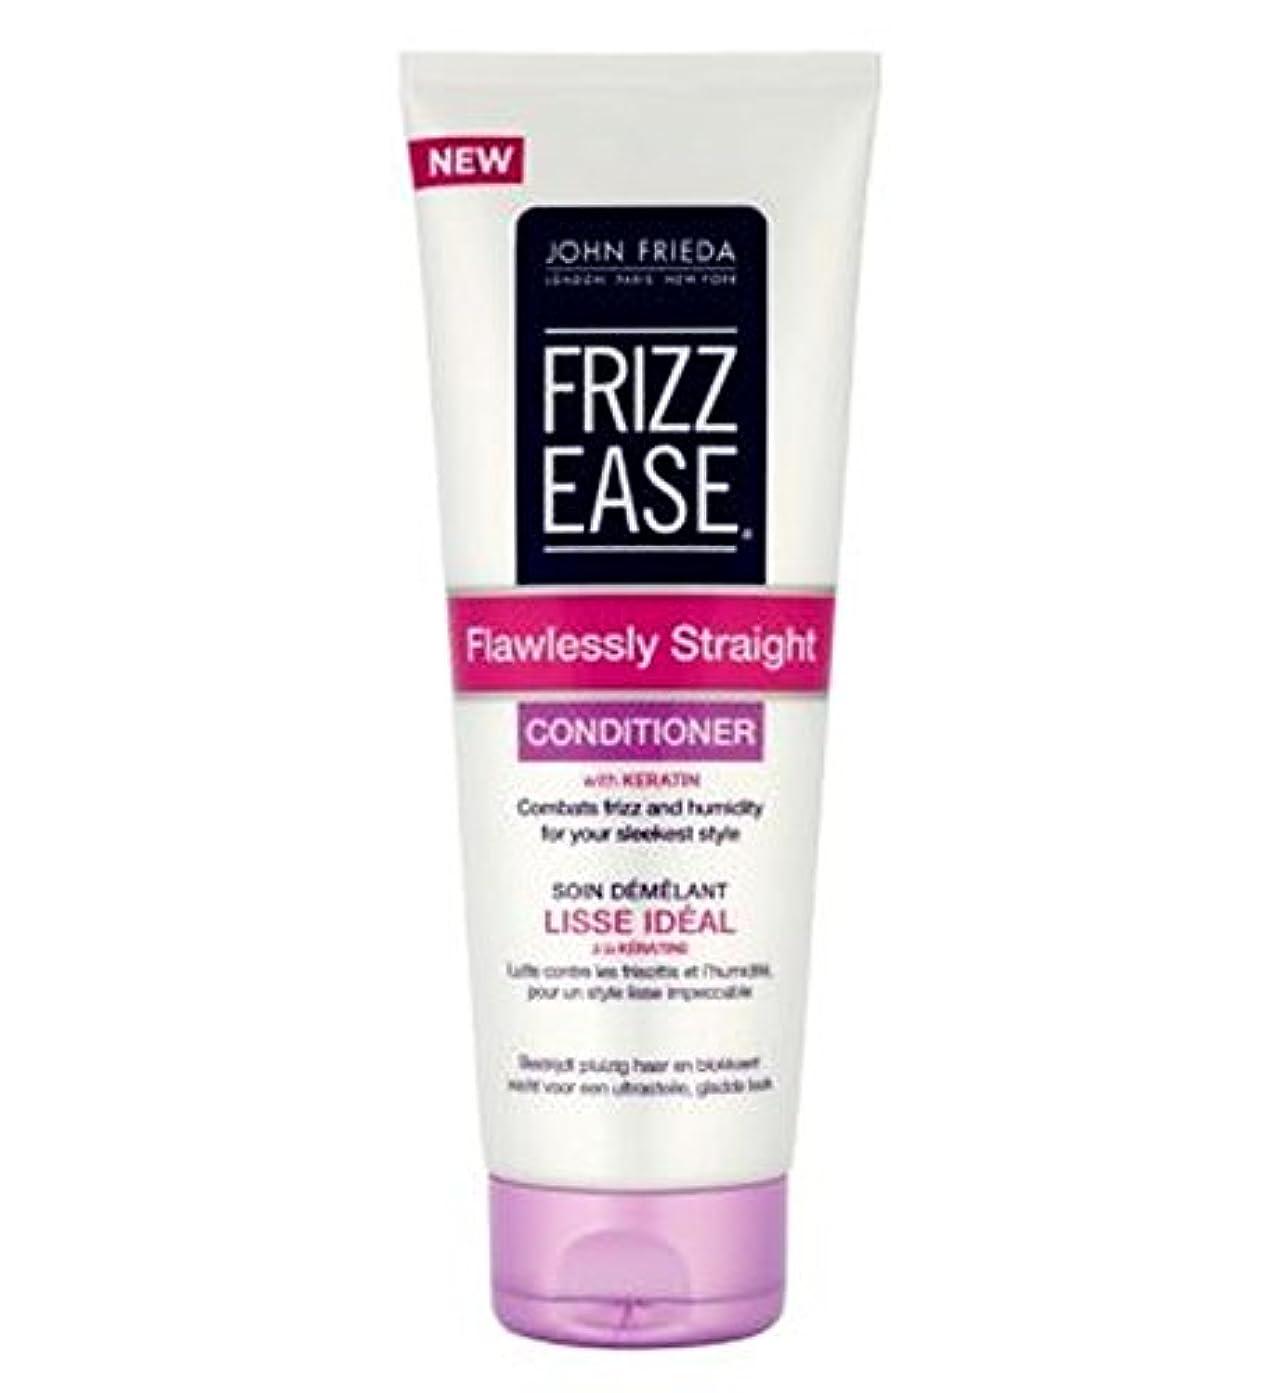 社員どんなときも踏みつけジョン?フリーダ縮れ-容易完璧ストレートコンディショナー250Ml (John Frieda) (x2) - John Frieda Frizz-Ease Flawlessly Straight Conditioner...